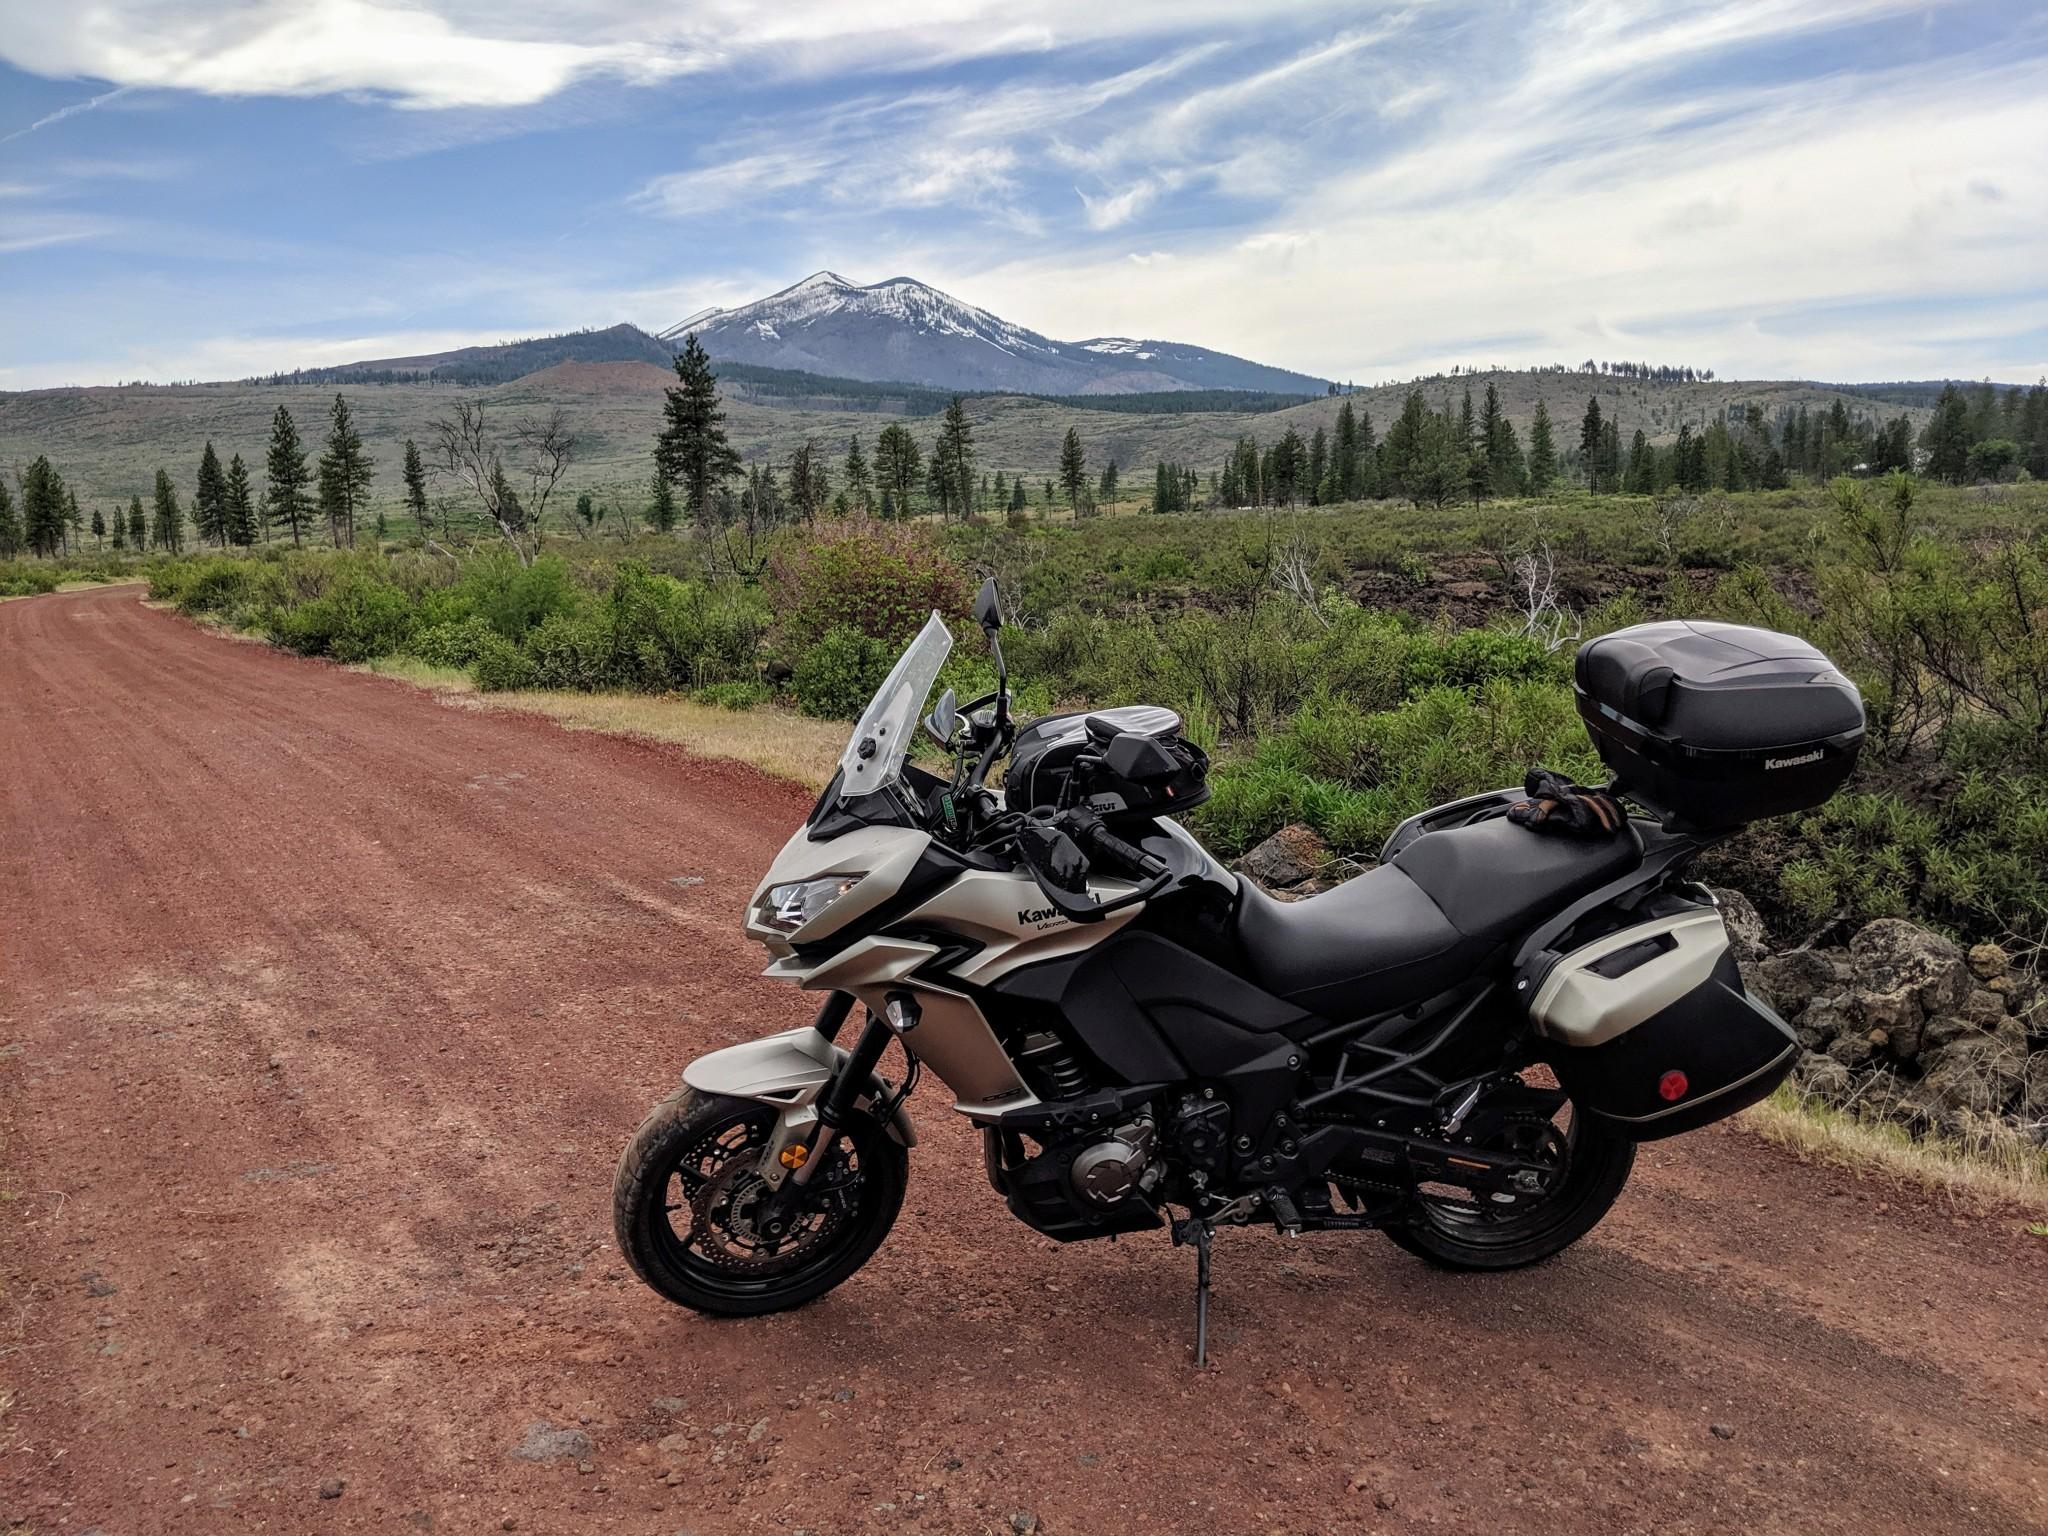 La Kawasaki Versys posa nel bel mezzo di una strada sterrata. Qui siamo in avvicinamento al Lassen Volcanic National Park.